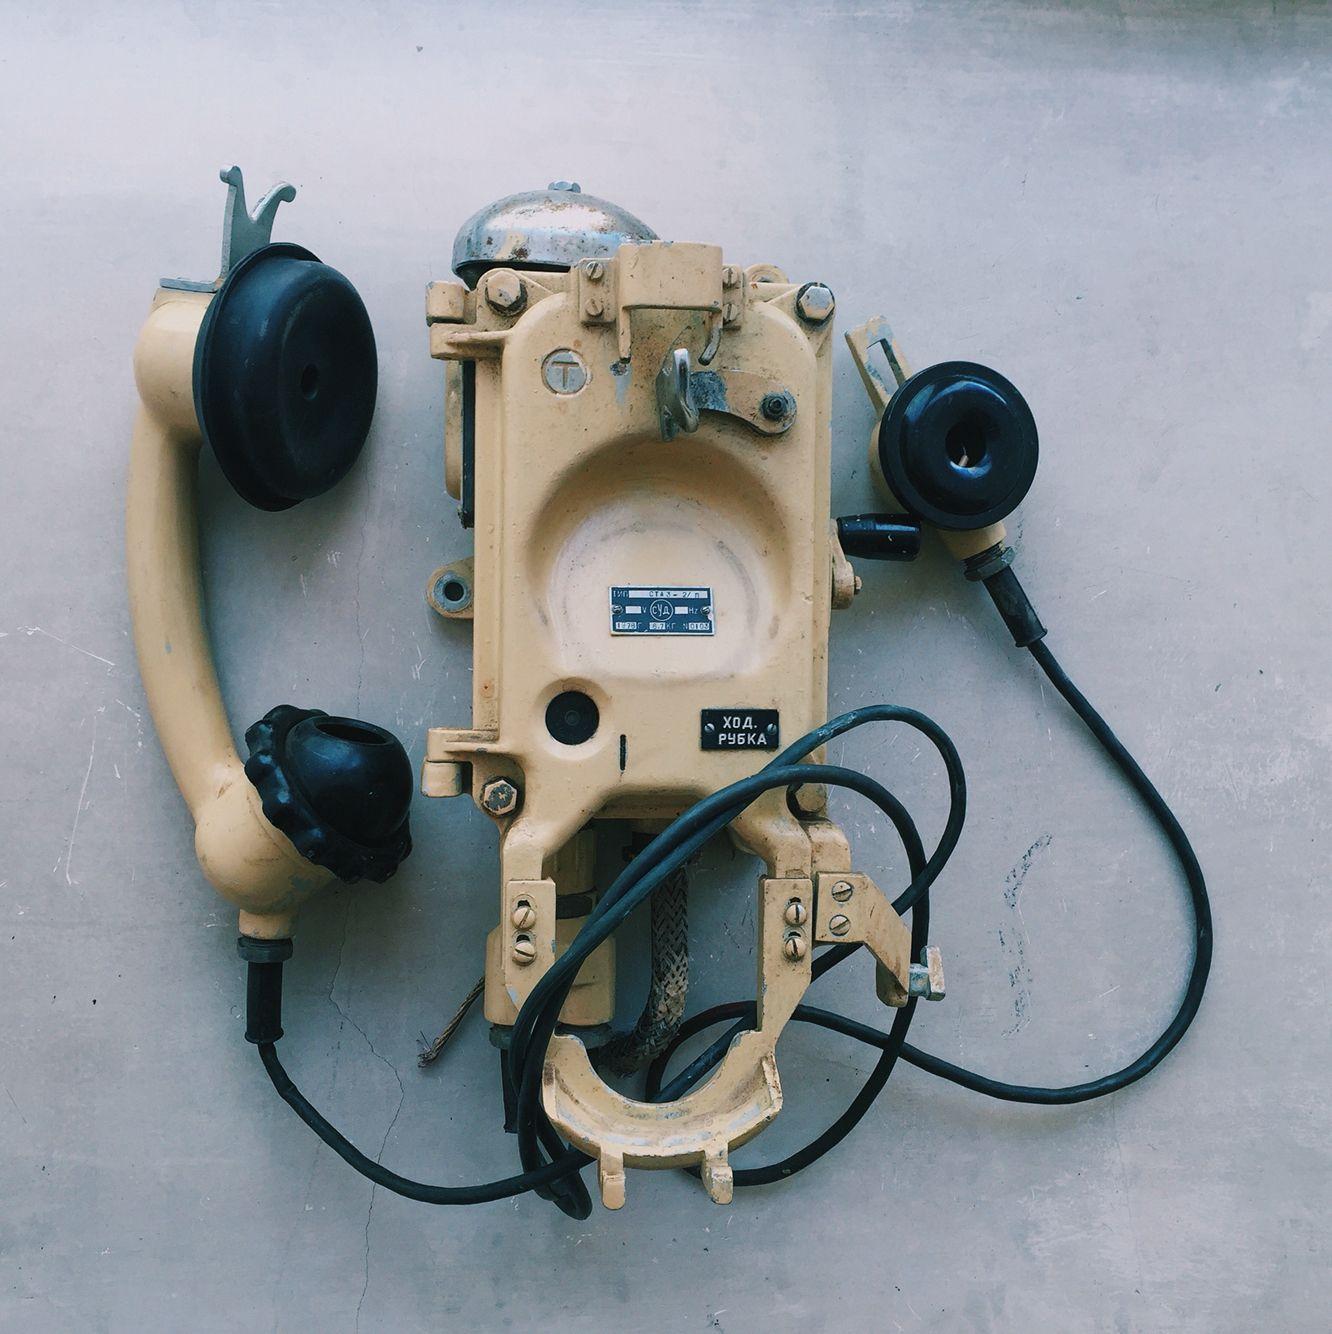 Корабельный телефон. Рабочий, но кажется нет мембраны в самой трубке. Размер 41 на 16